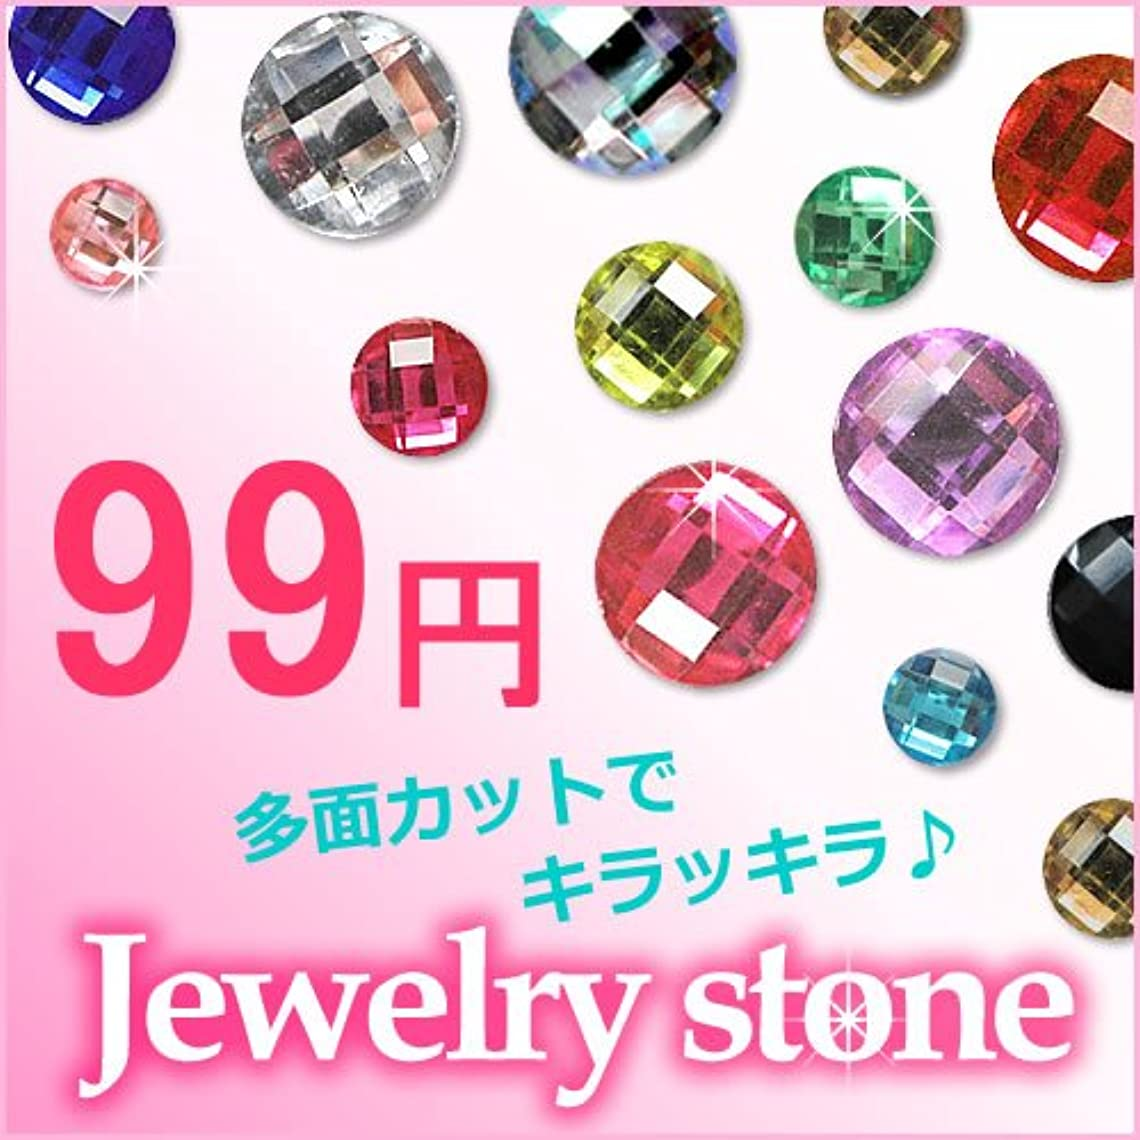 昇進ネブ少ないアクリル 宝石カット ジュエリー ラインストーン デコ電 デコパーツ 8mm(24粒) オレンジ